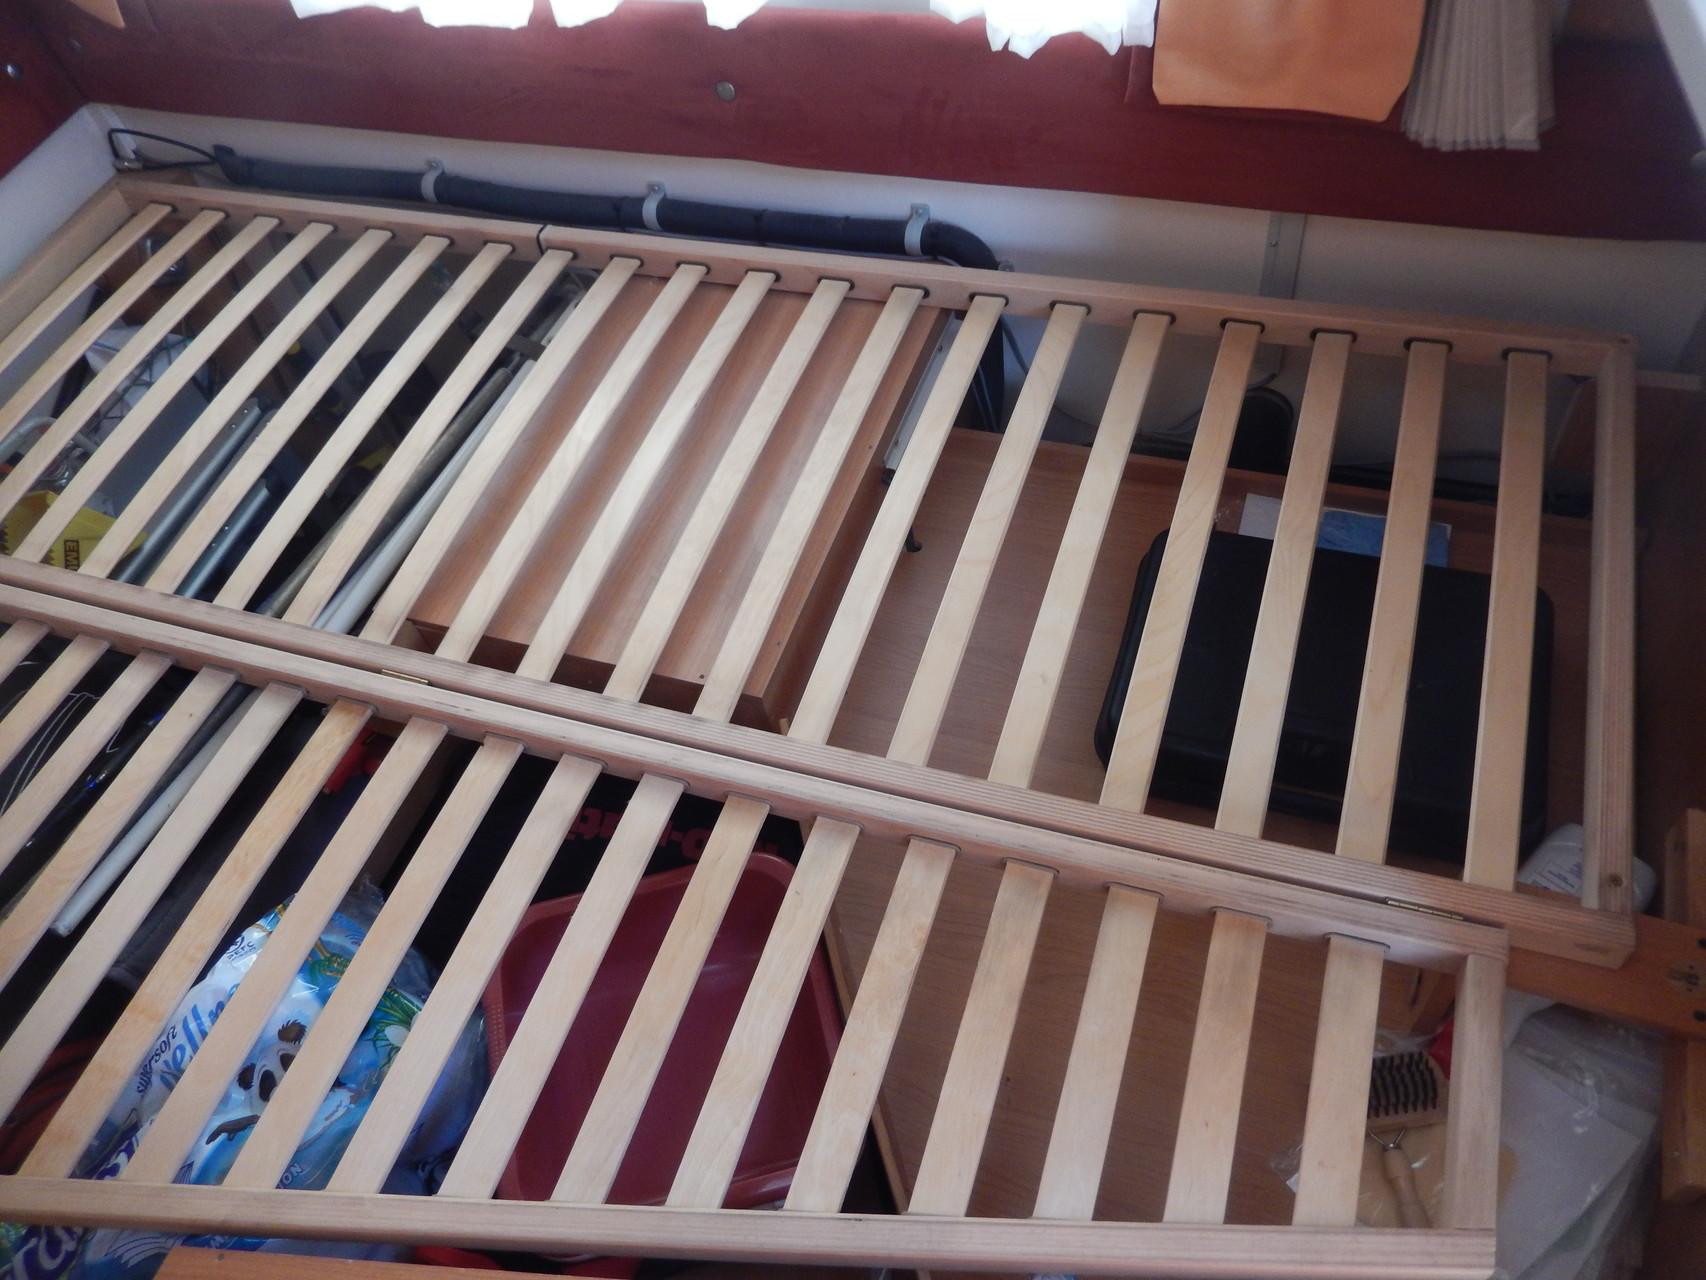 so, wieder mal Bett auseinander bauen